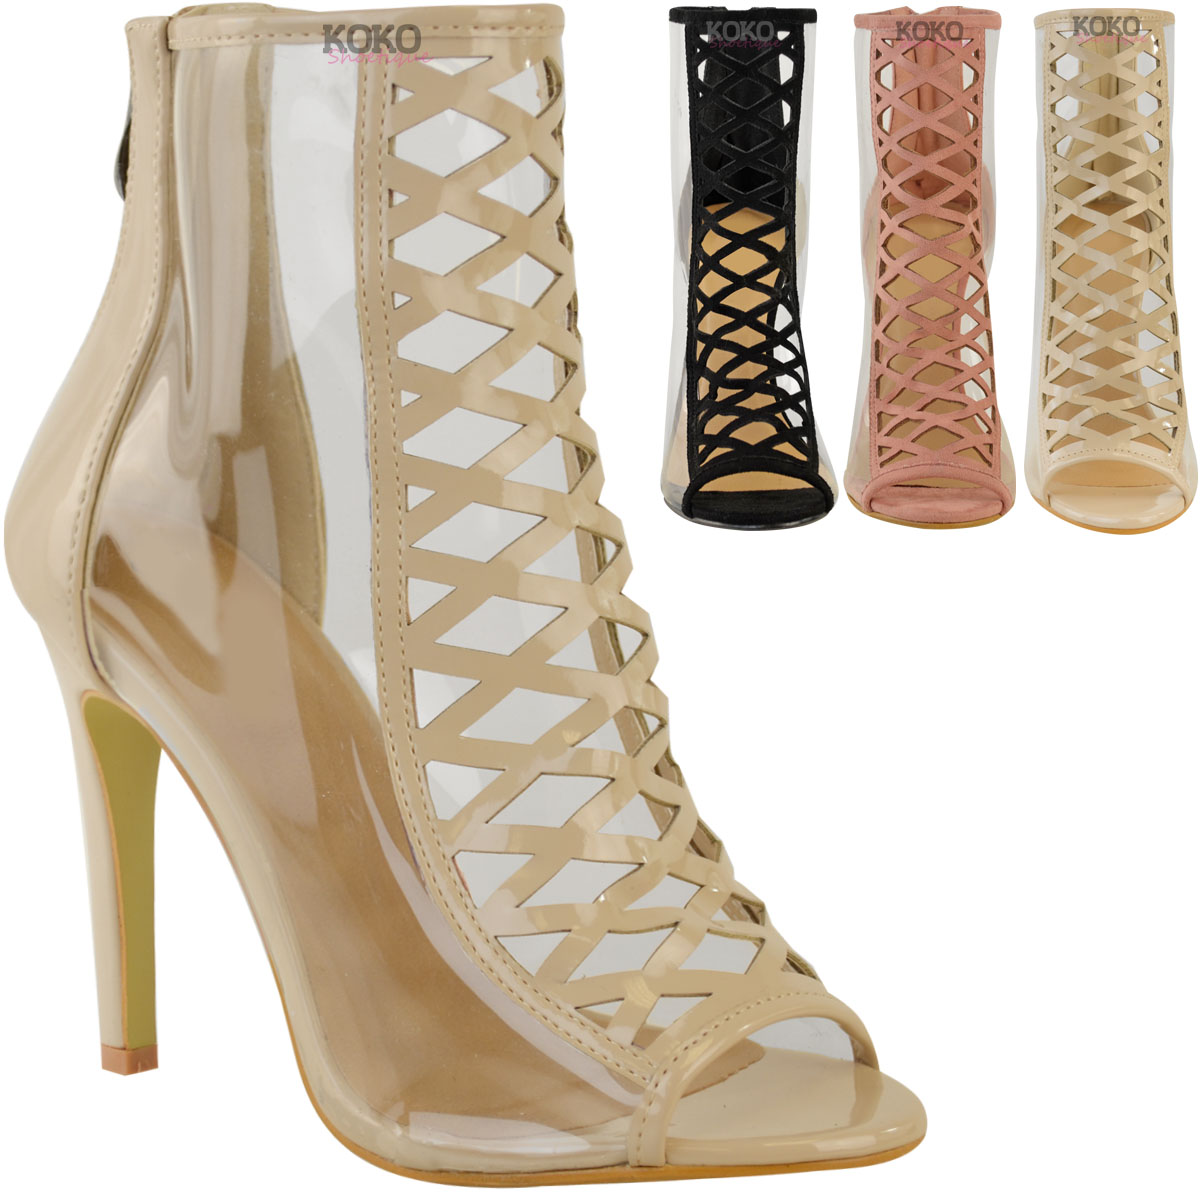 Womens Ladies High Heel Perspex Clear Sandals Celebrity